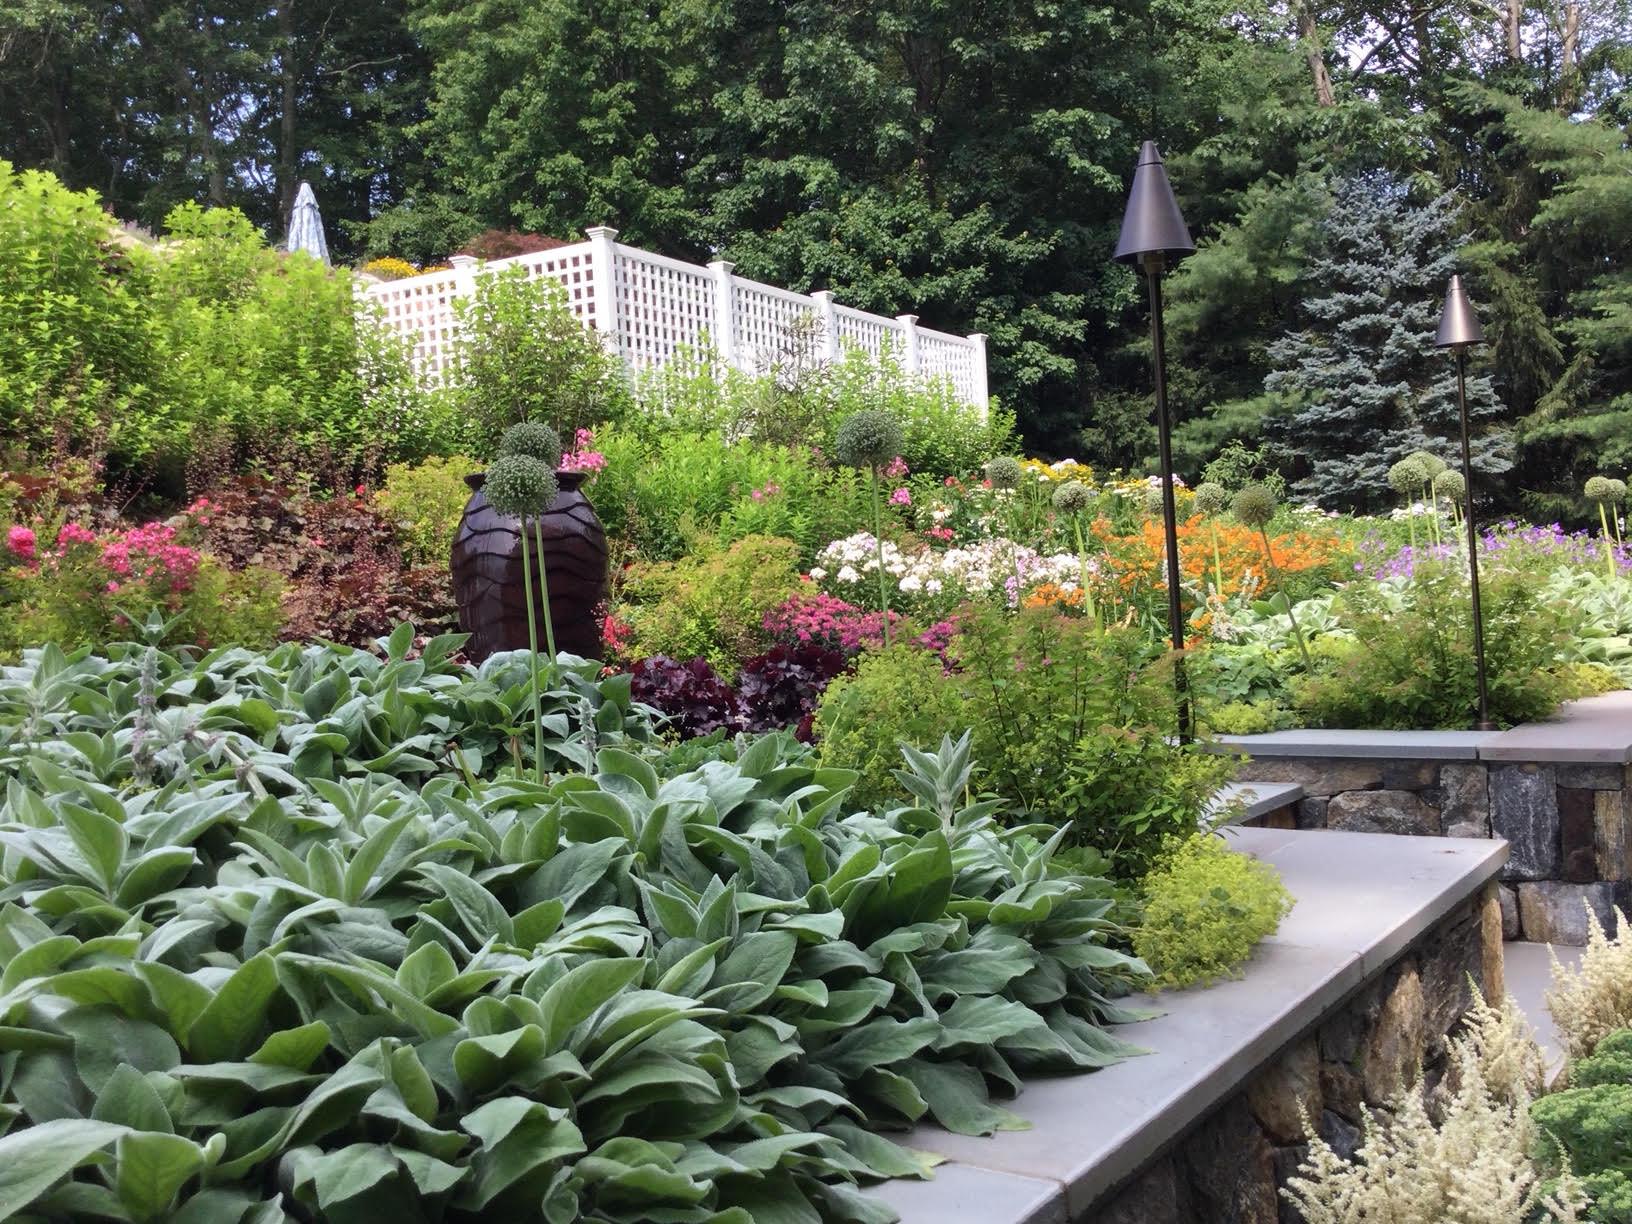 Pollinator Garden in Pound Ridge 2021